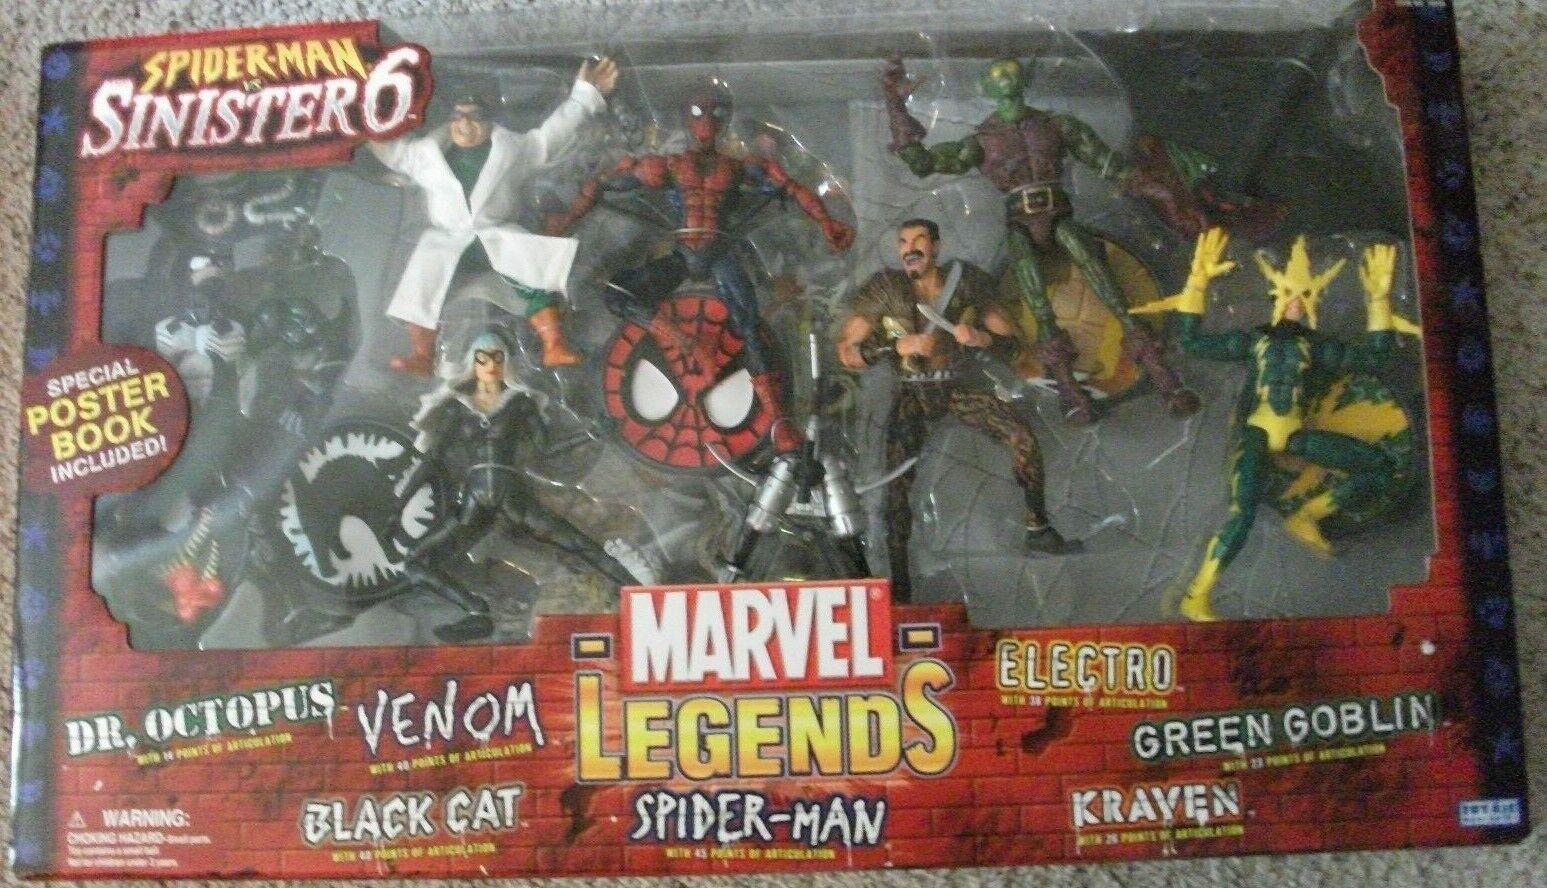 Marvel Legends Spider-Man Sinister 6 box set 6 in action figures Toy Biz 2004